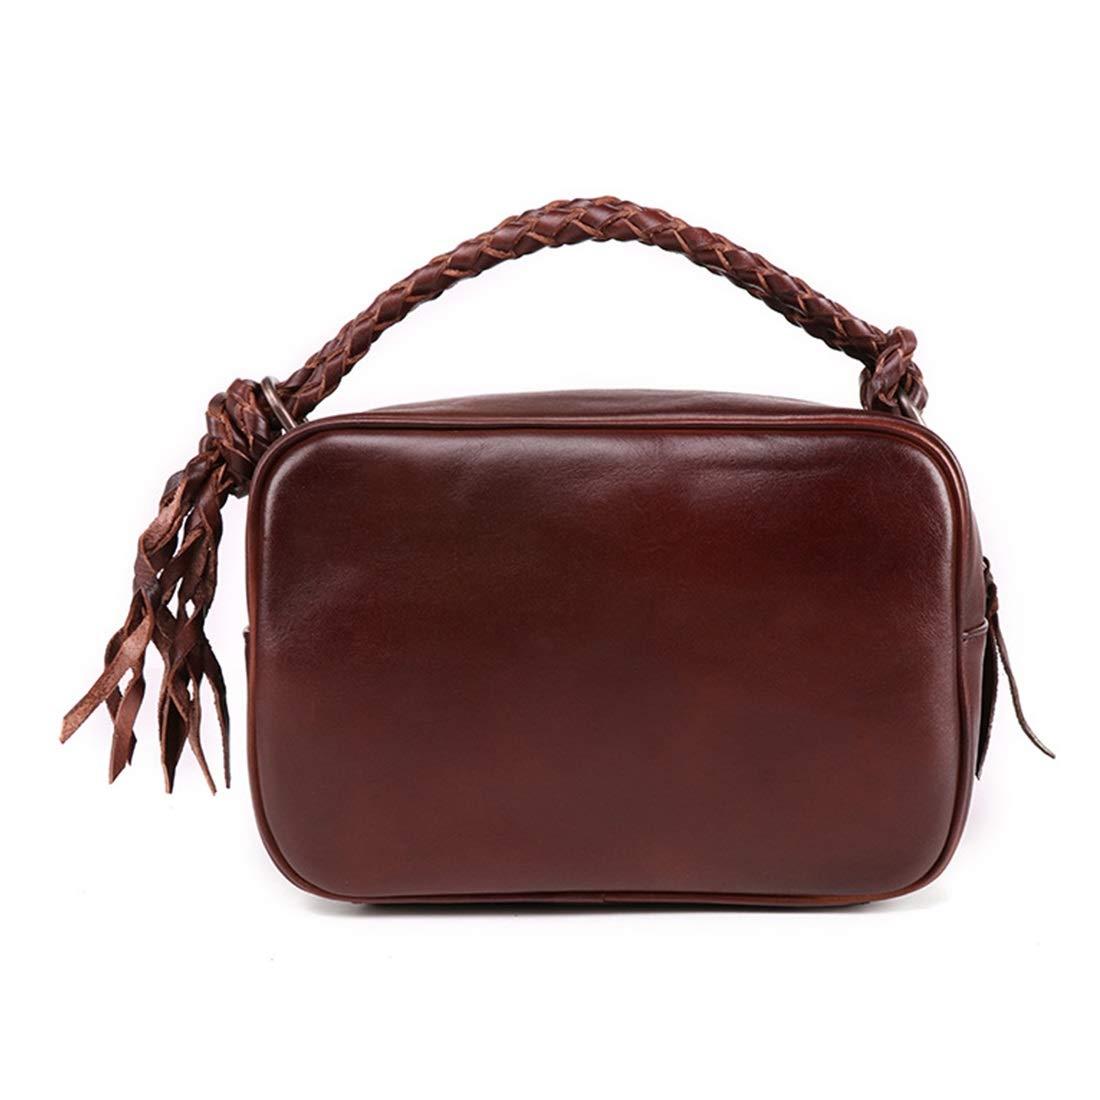 Bolso Bandolera para Mujer Bolso Tote con asa Superior Vintage Carteras de Cuero Genuino Bolso (Color : Brown2): Amazon.es: Equipaje